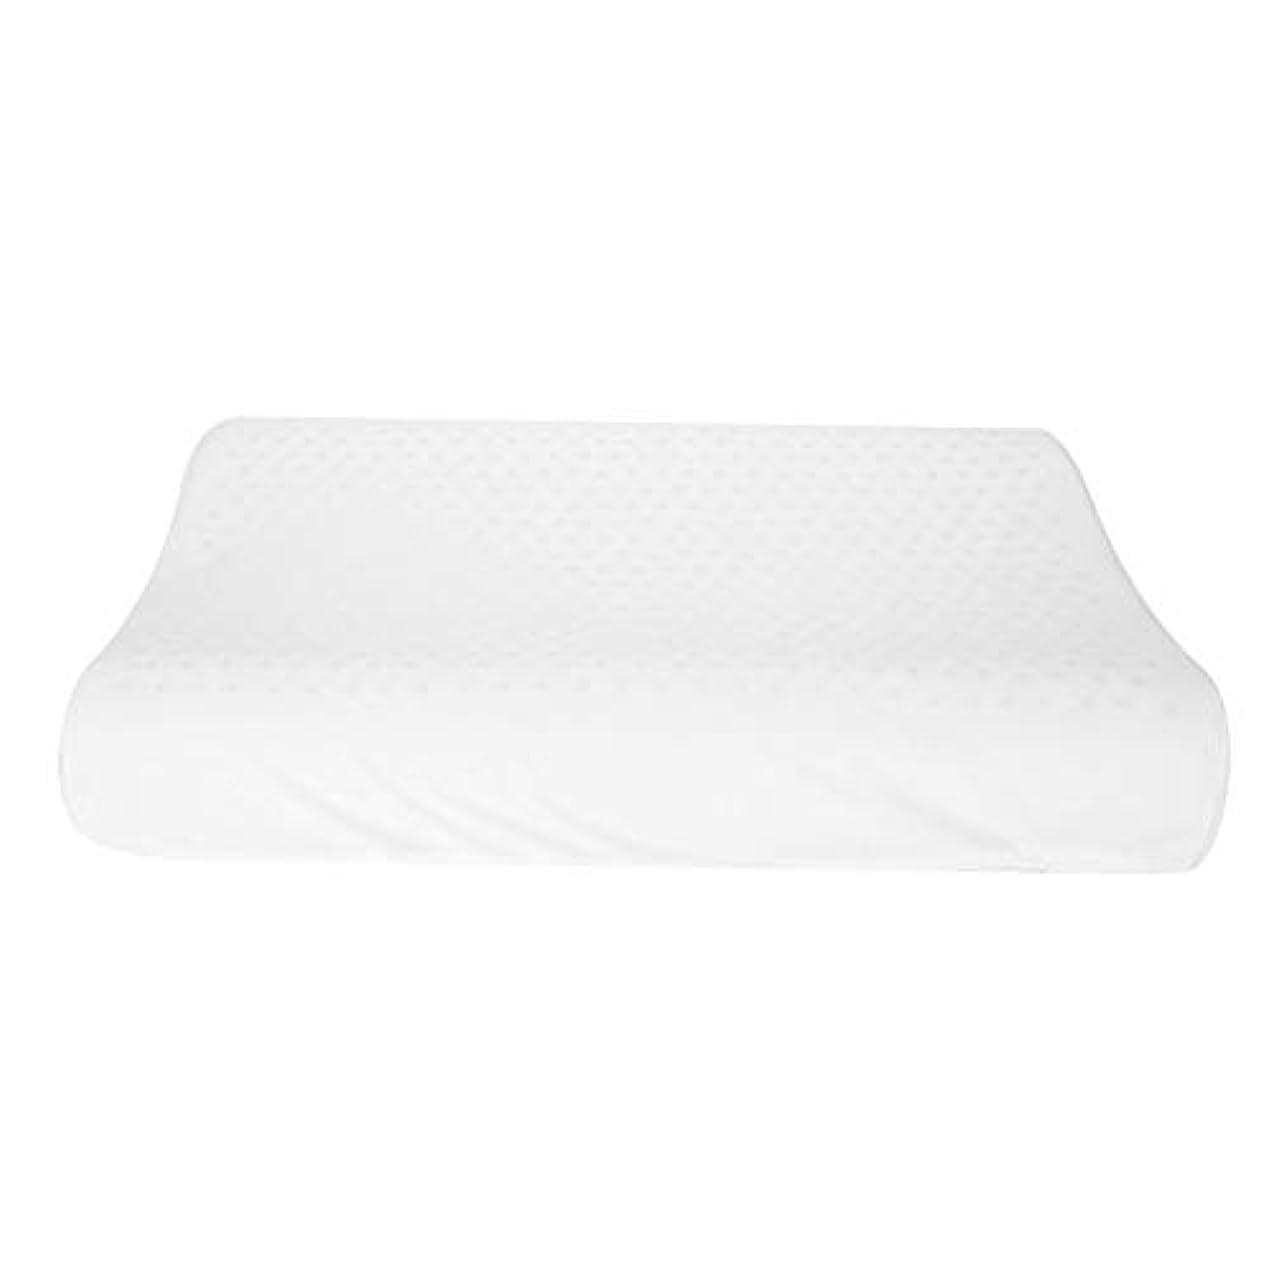 活力消化サイトラテックス、自然な乳液の枕大きい版のカーブの波の大人の首のマッサージの枕ヘルスケア